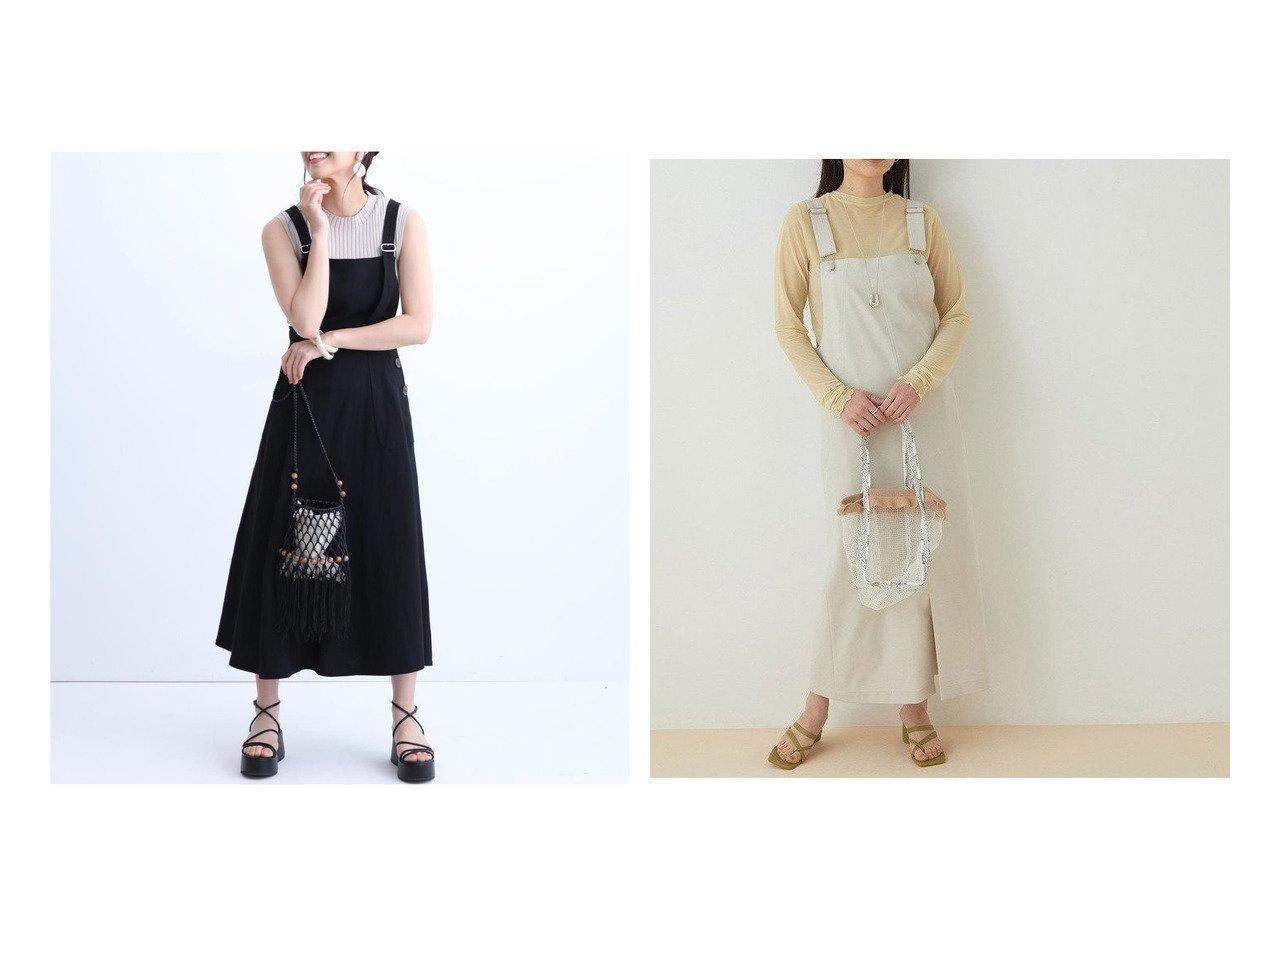 【ADAM ET ROPE'/アダム エ ロペ】の【WEB限定】ジャンパースカート&【Mystrada/マイストラーダ】のエプロンジャンスカ 【スカート】おすすめ!人気、トレンド・レディースファッションの通販 おすすめで人気の流行・トレンド、ファッションの通販商品 メンズファッション・キッズファッション・インテリア・家具・レディースファッション・服の通販 founy(ファニー) https://founy.com/ ファッション Fashion レディースファッション WOMEN スカート Skirt 春 Spring カッティング サンダル シューズ スニーカー スリット 定番 Standard フラット フロント ポケット メランジ ワンポイント 2021年 2021 S/S・春夏 SS・Spring/Summer 2021春夏・S/S SS/Spring/Summer/2021 NEW・新作・新着・新入荷 New Arrivals おすすめ Recommend シェイプ |ID:crp329100000036700